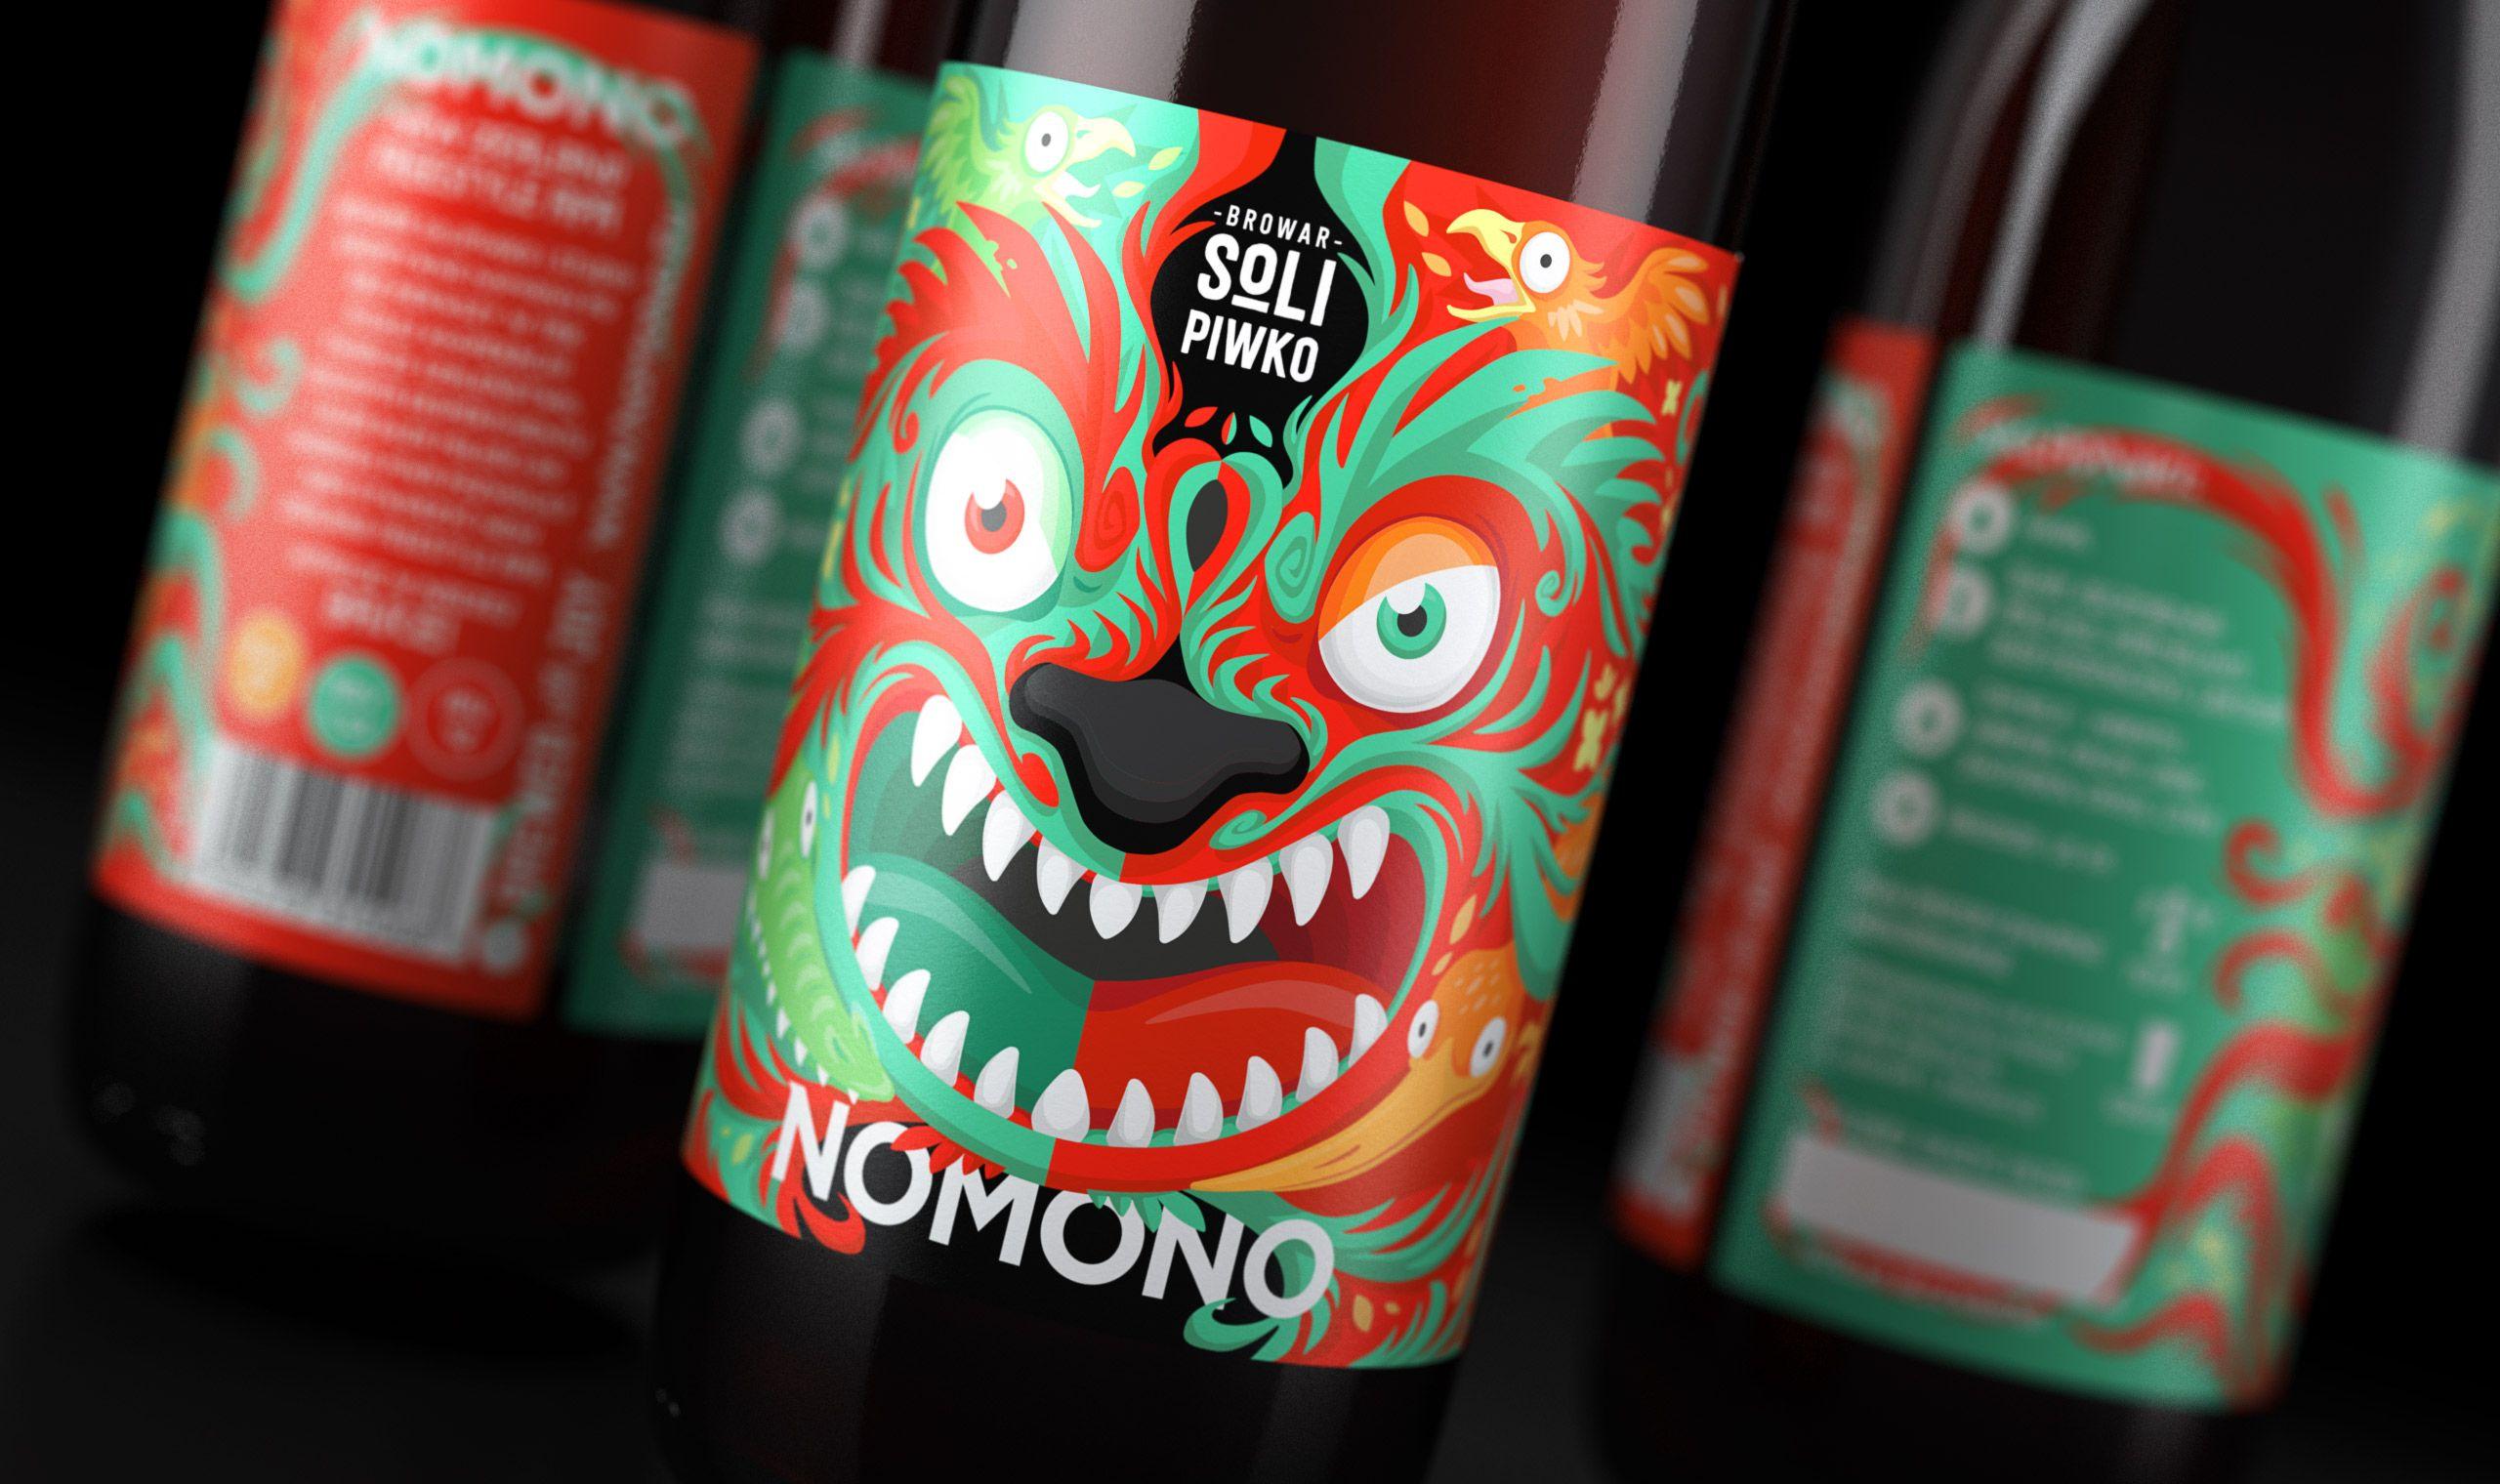 Nomono New Zealand Freestyle Apa Label Craft Beer Packaging Craft Beer Beer Packaging